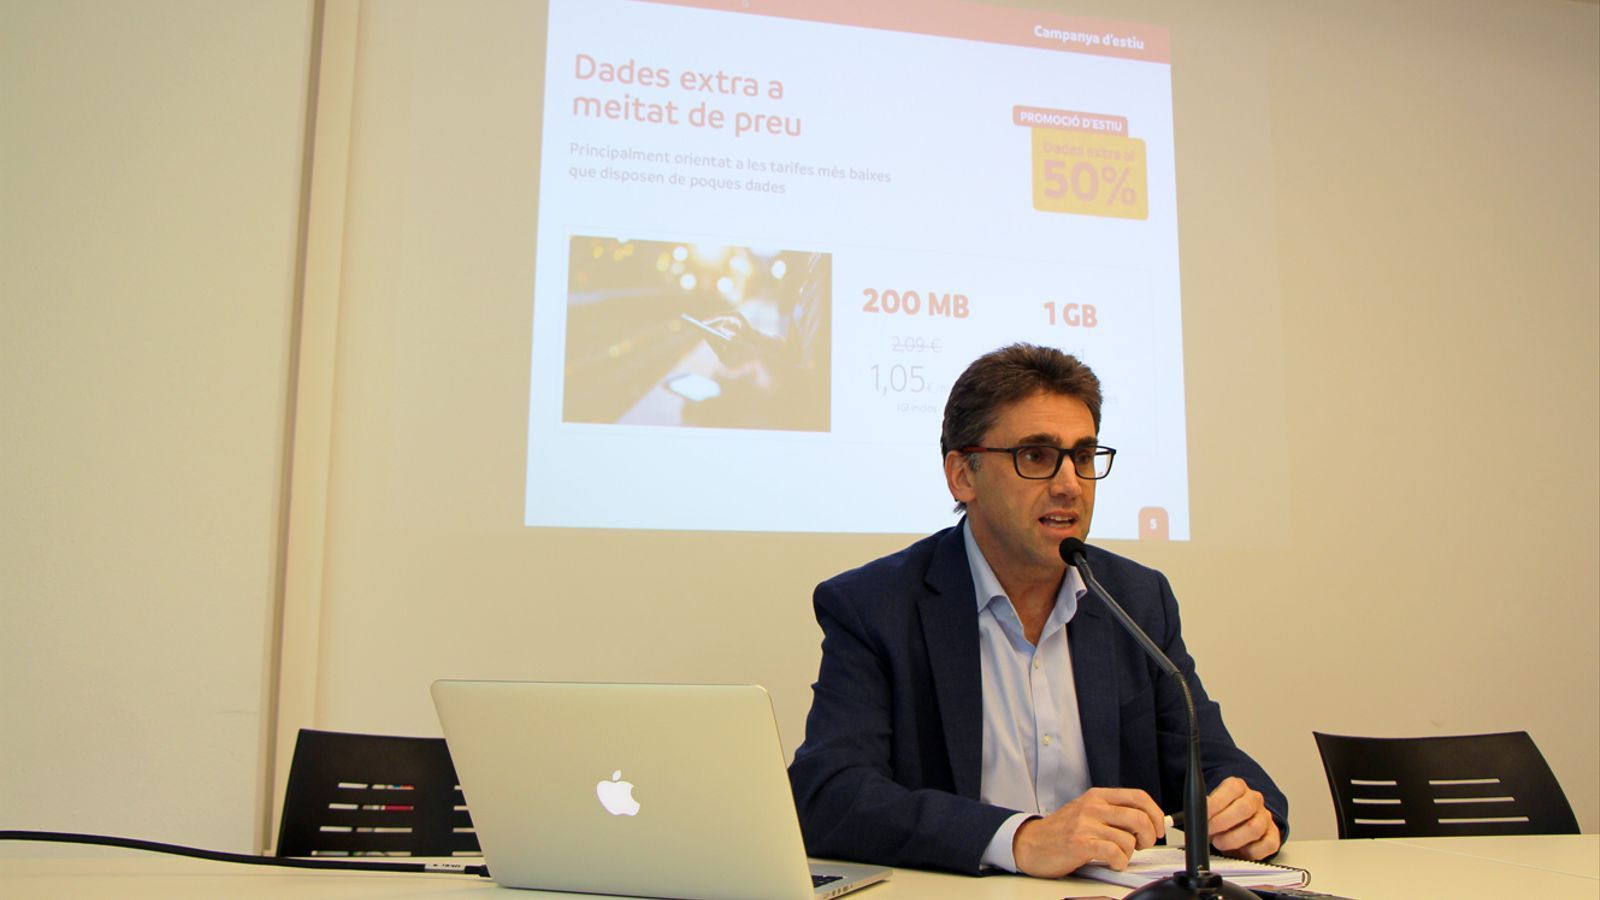 El portaveu d'Andorra Telecom, Carles Casadevall, presenta les novetats d'estiu de la companyia. / T. N. (ANA)